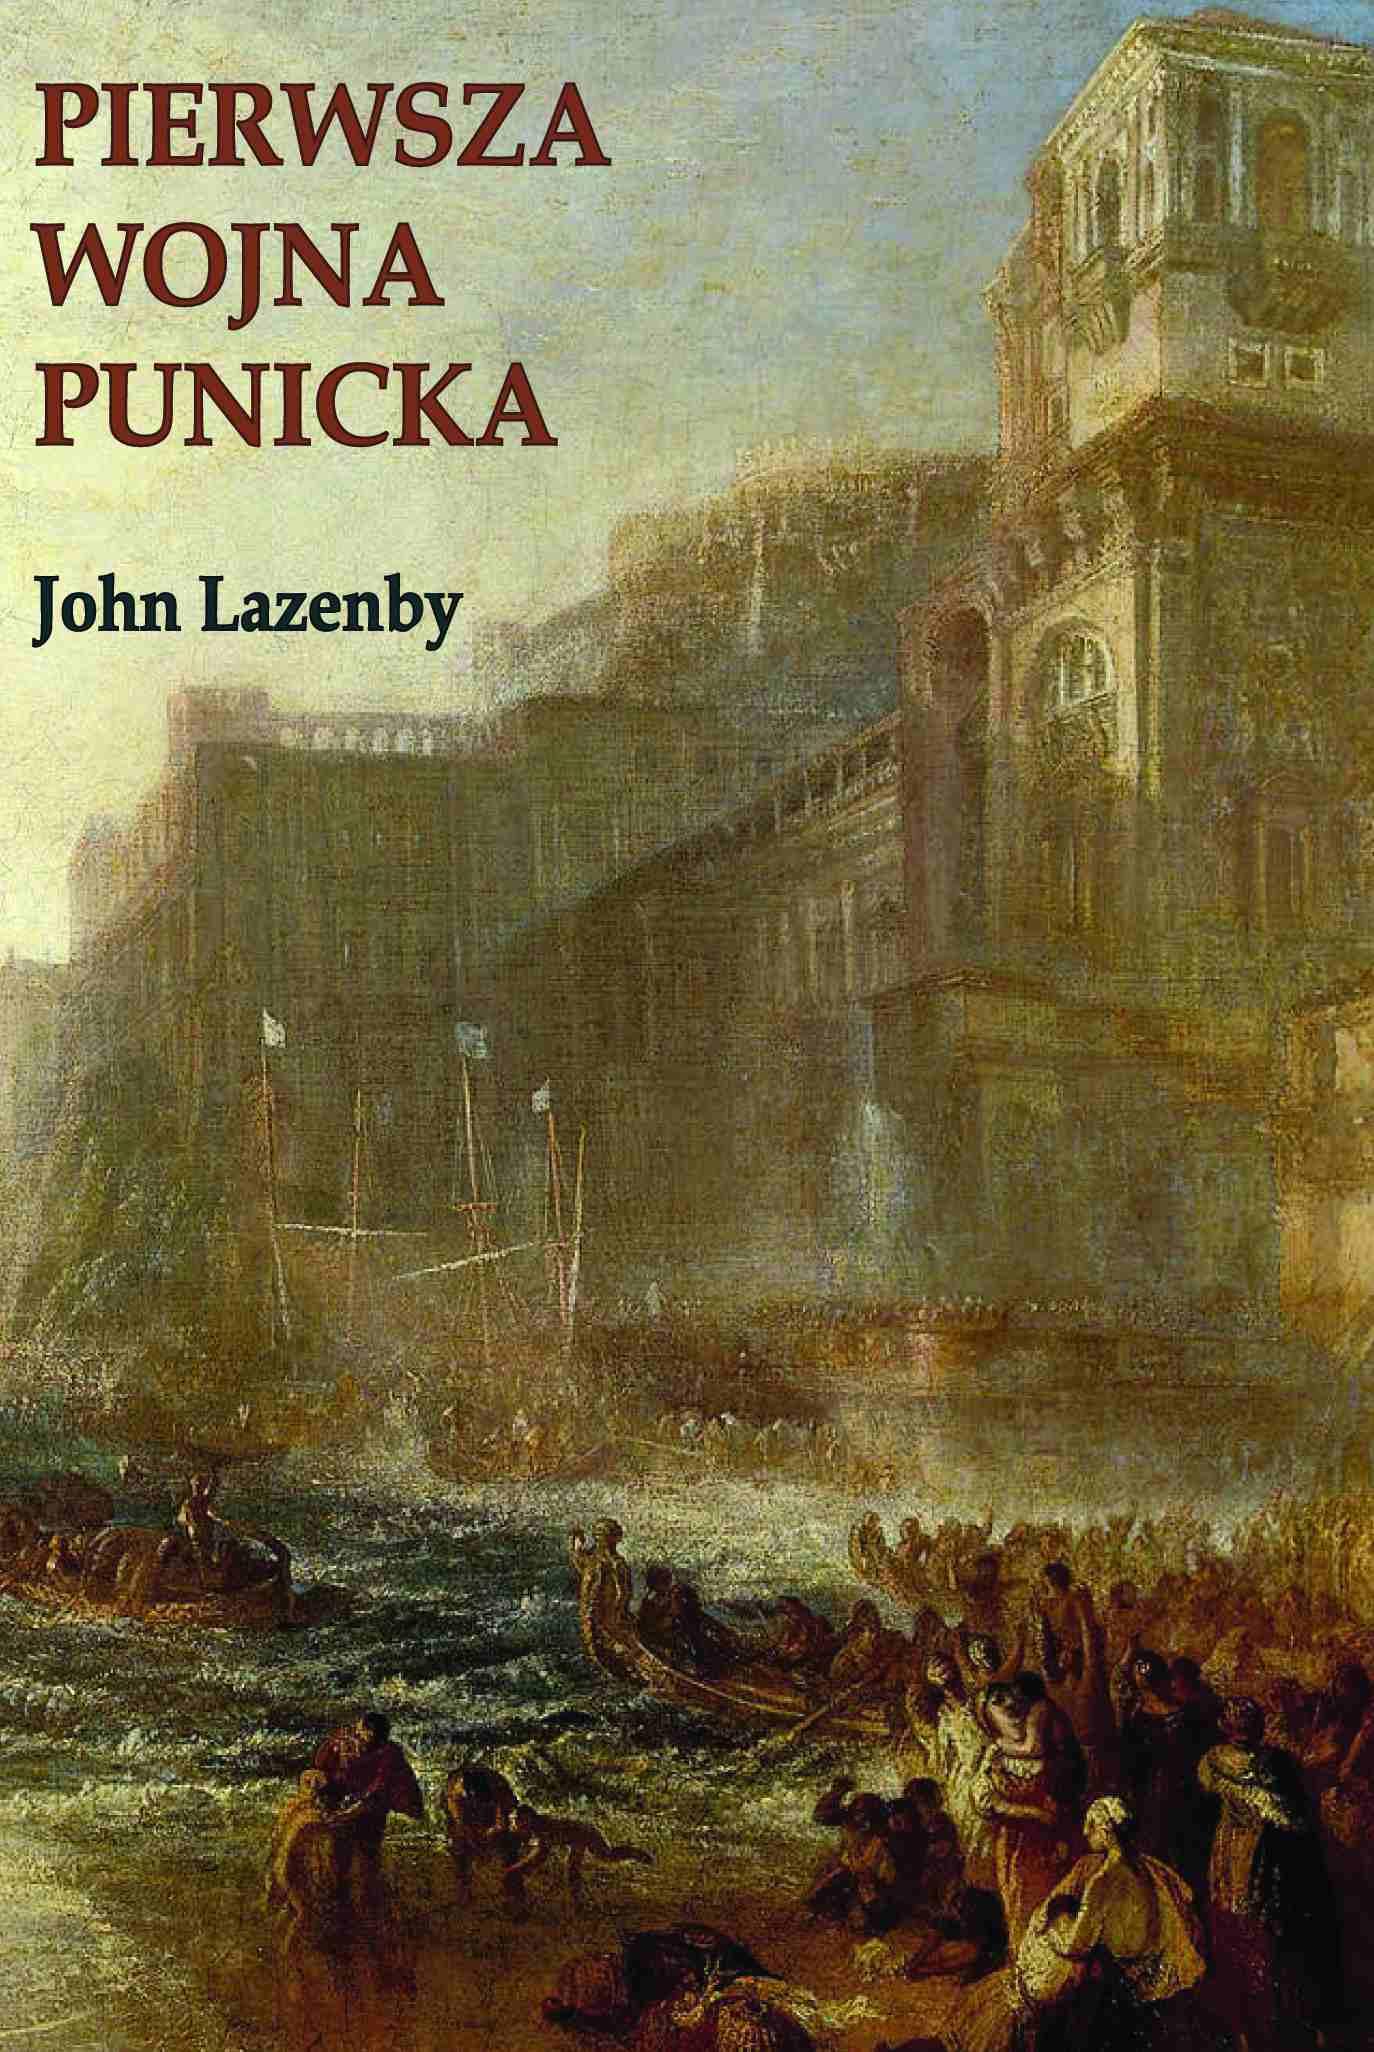 Pierwsza wojna punicka. Historia militarna - Ebook (Książka na Kindle) do pobrania w formacie MOBI